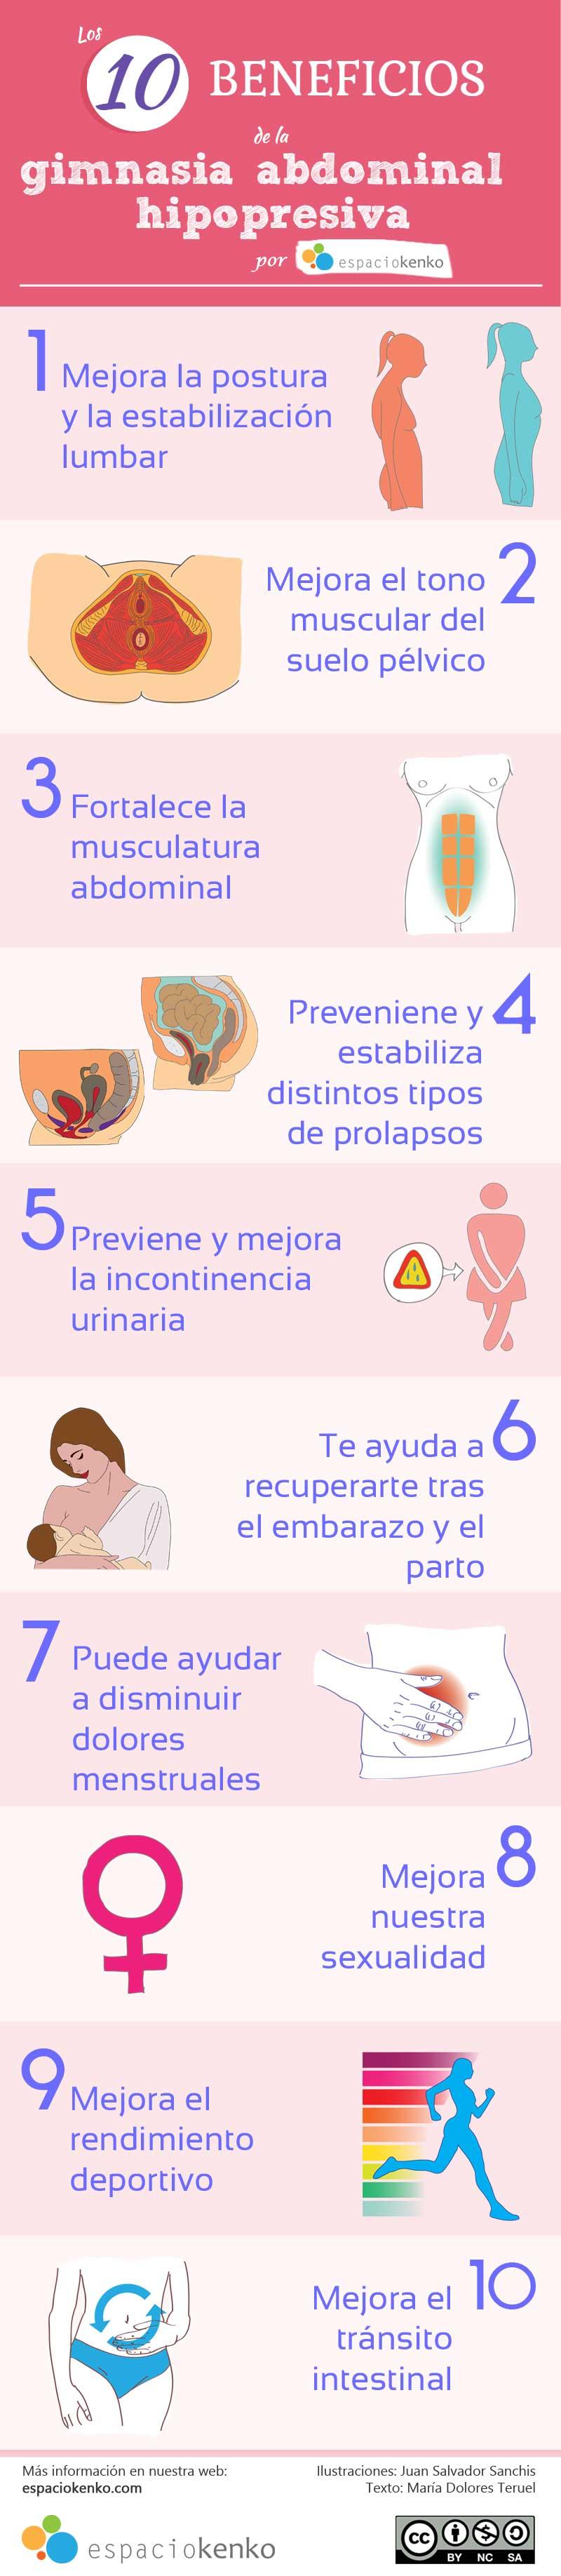 los-10-beneficios-de-la-gimnasia-abdominal-hipopresiva